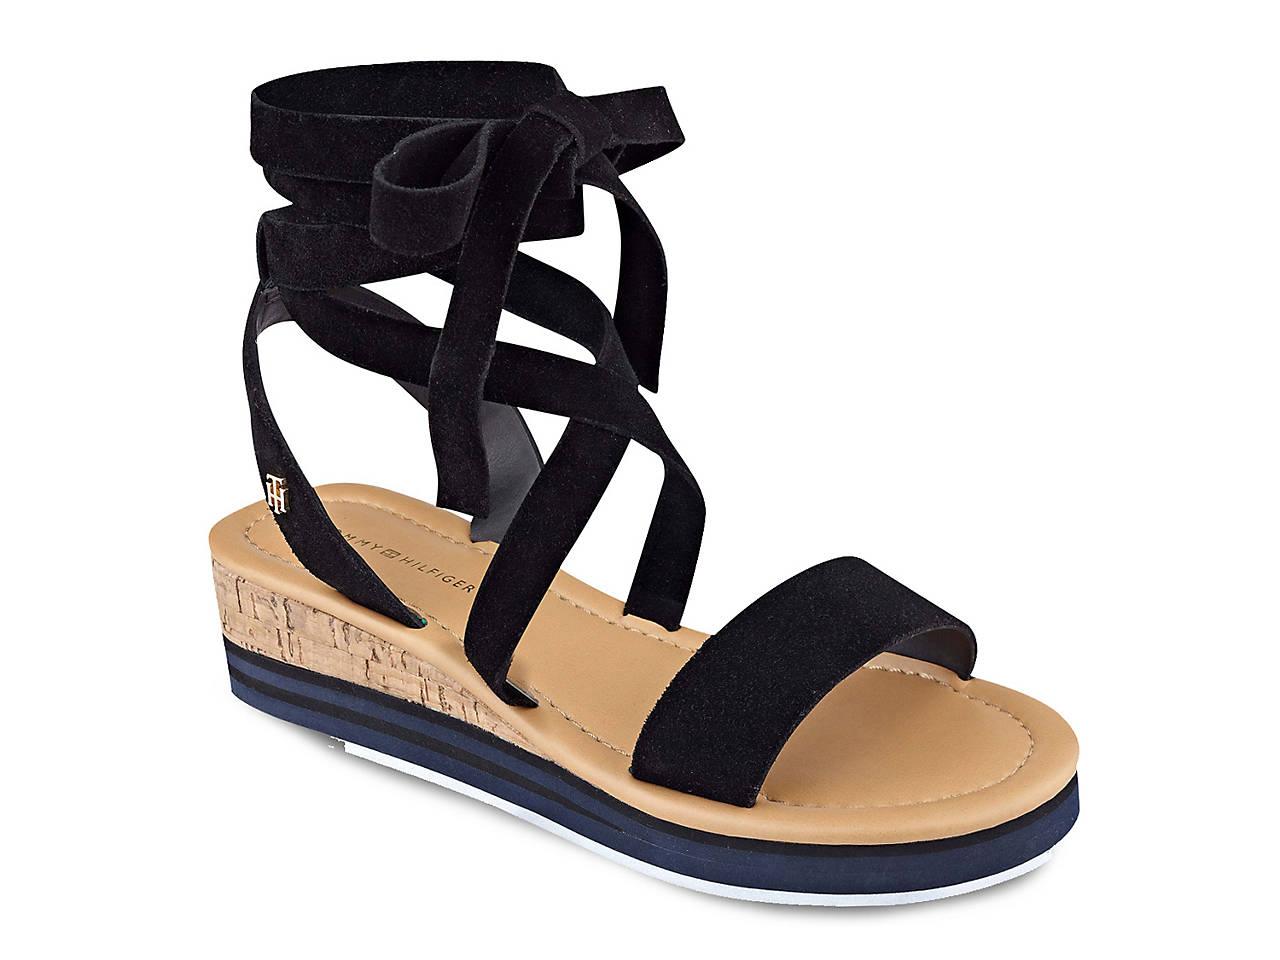 a5dc053b6ba0 Tommy Hilfiger Parker Wedge Sandal Women s Shoes